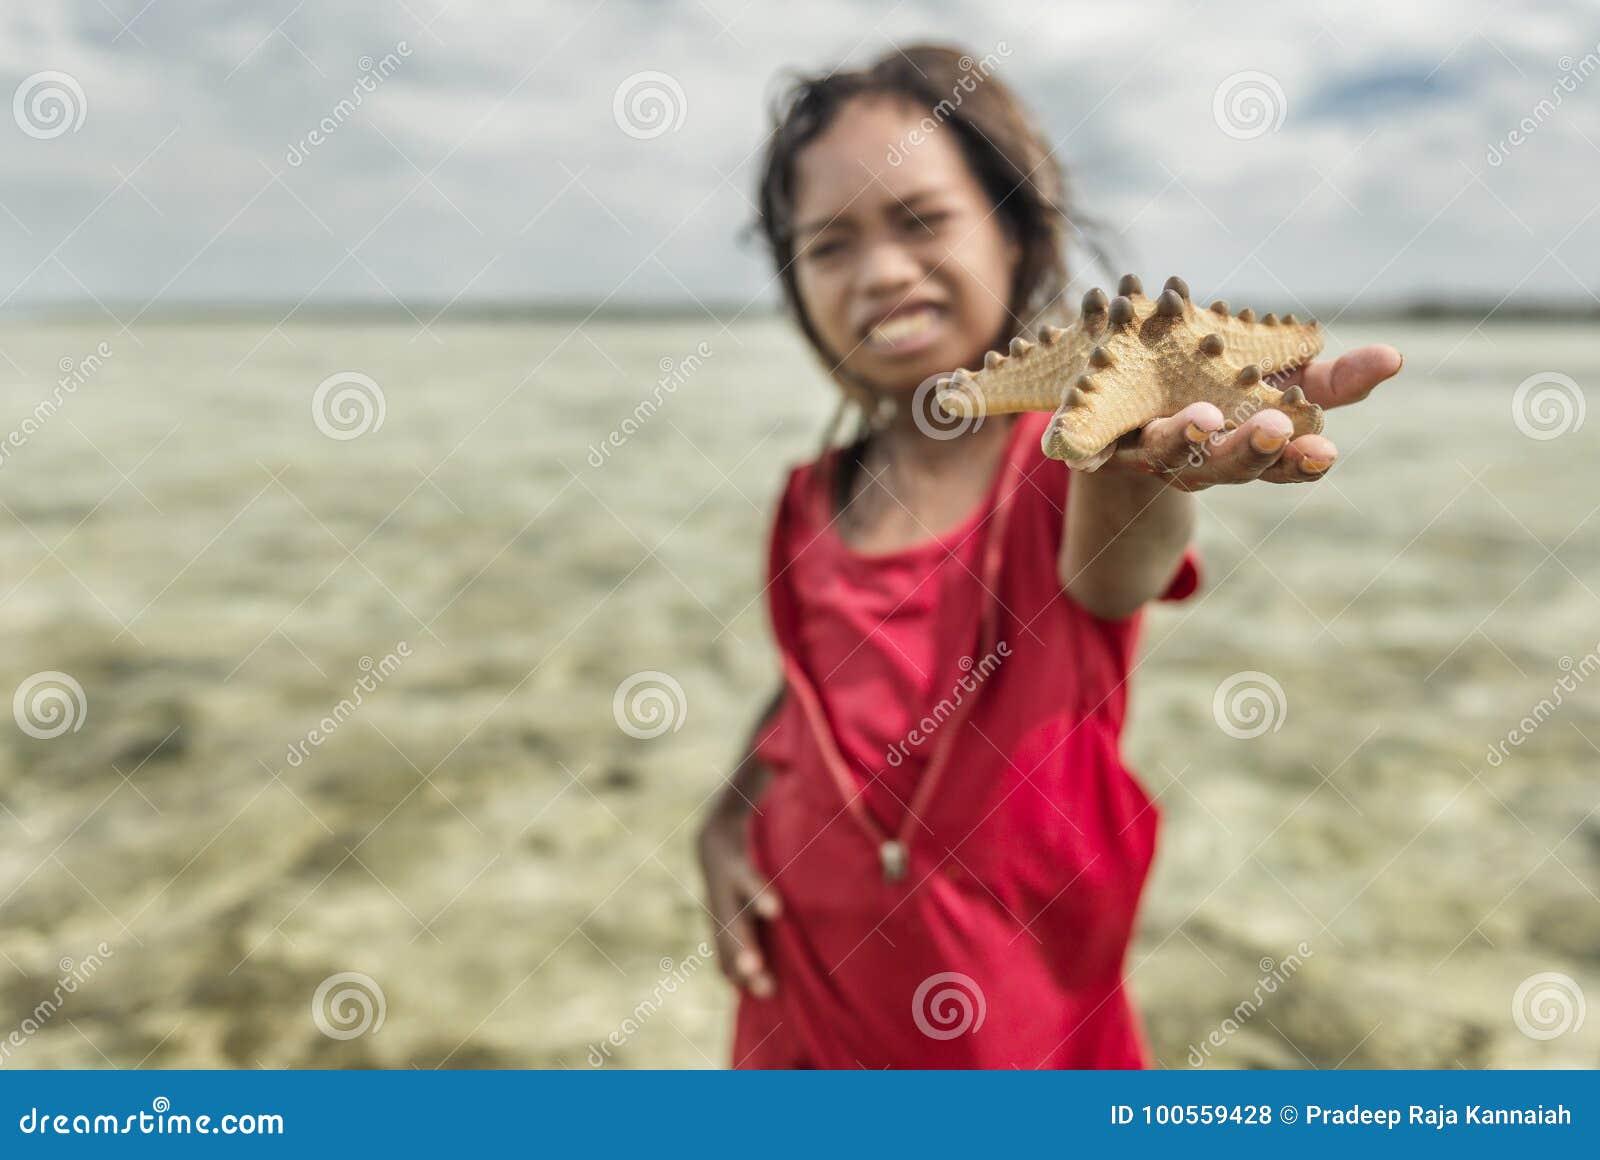 Bajau-Stammmädchen hob Sternfische vom Meer und das Versuchen auf, das an Touristen, Sabah Semporna, Malaysia zu verkaufen